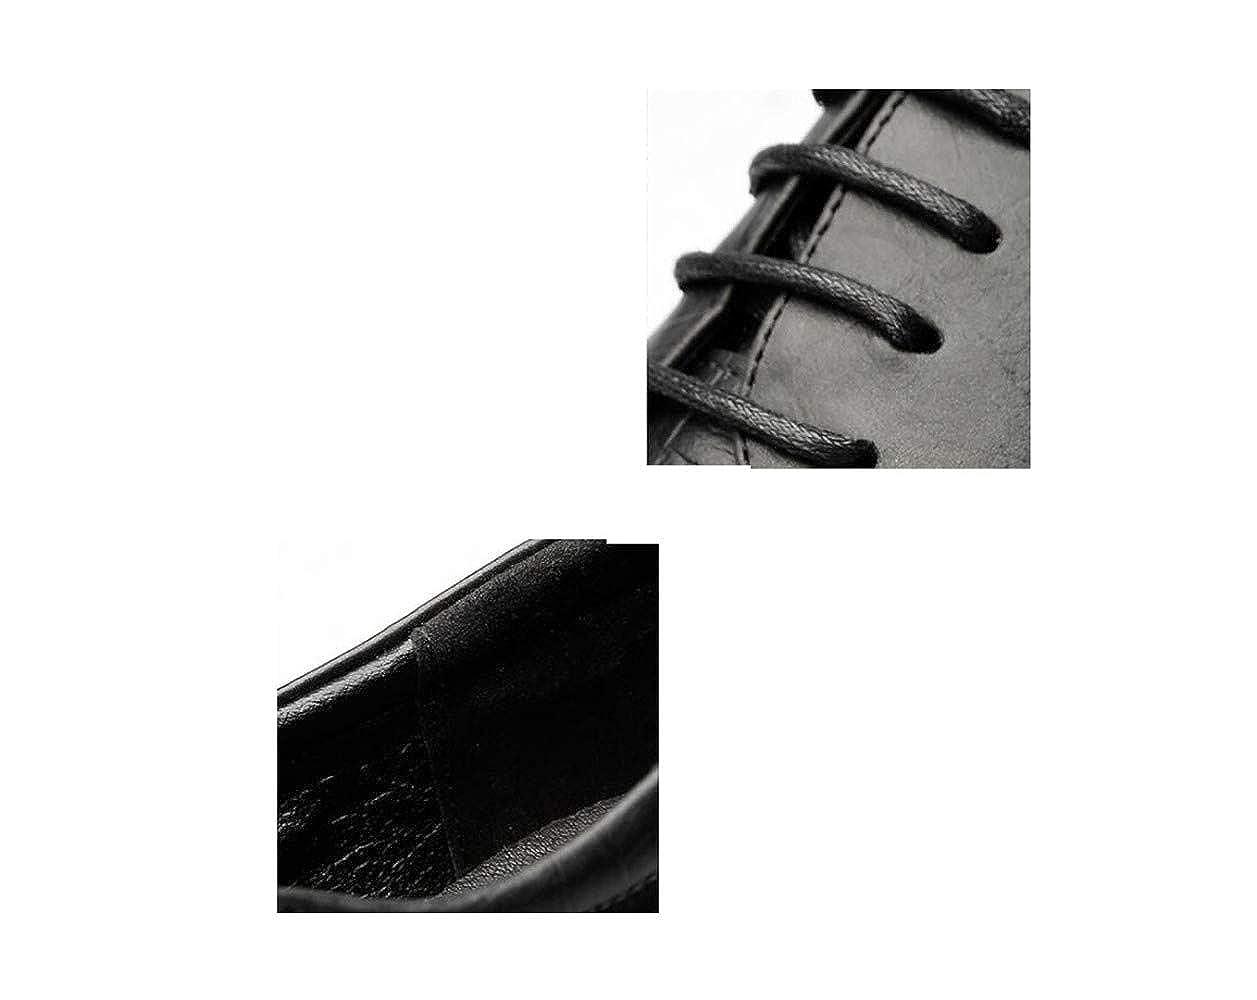 Geschäft Lederschuhe Männer Schuhe Sport Cool Wandern Wandern Wandern Strand Braun 230d63